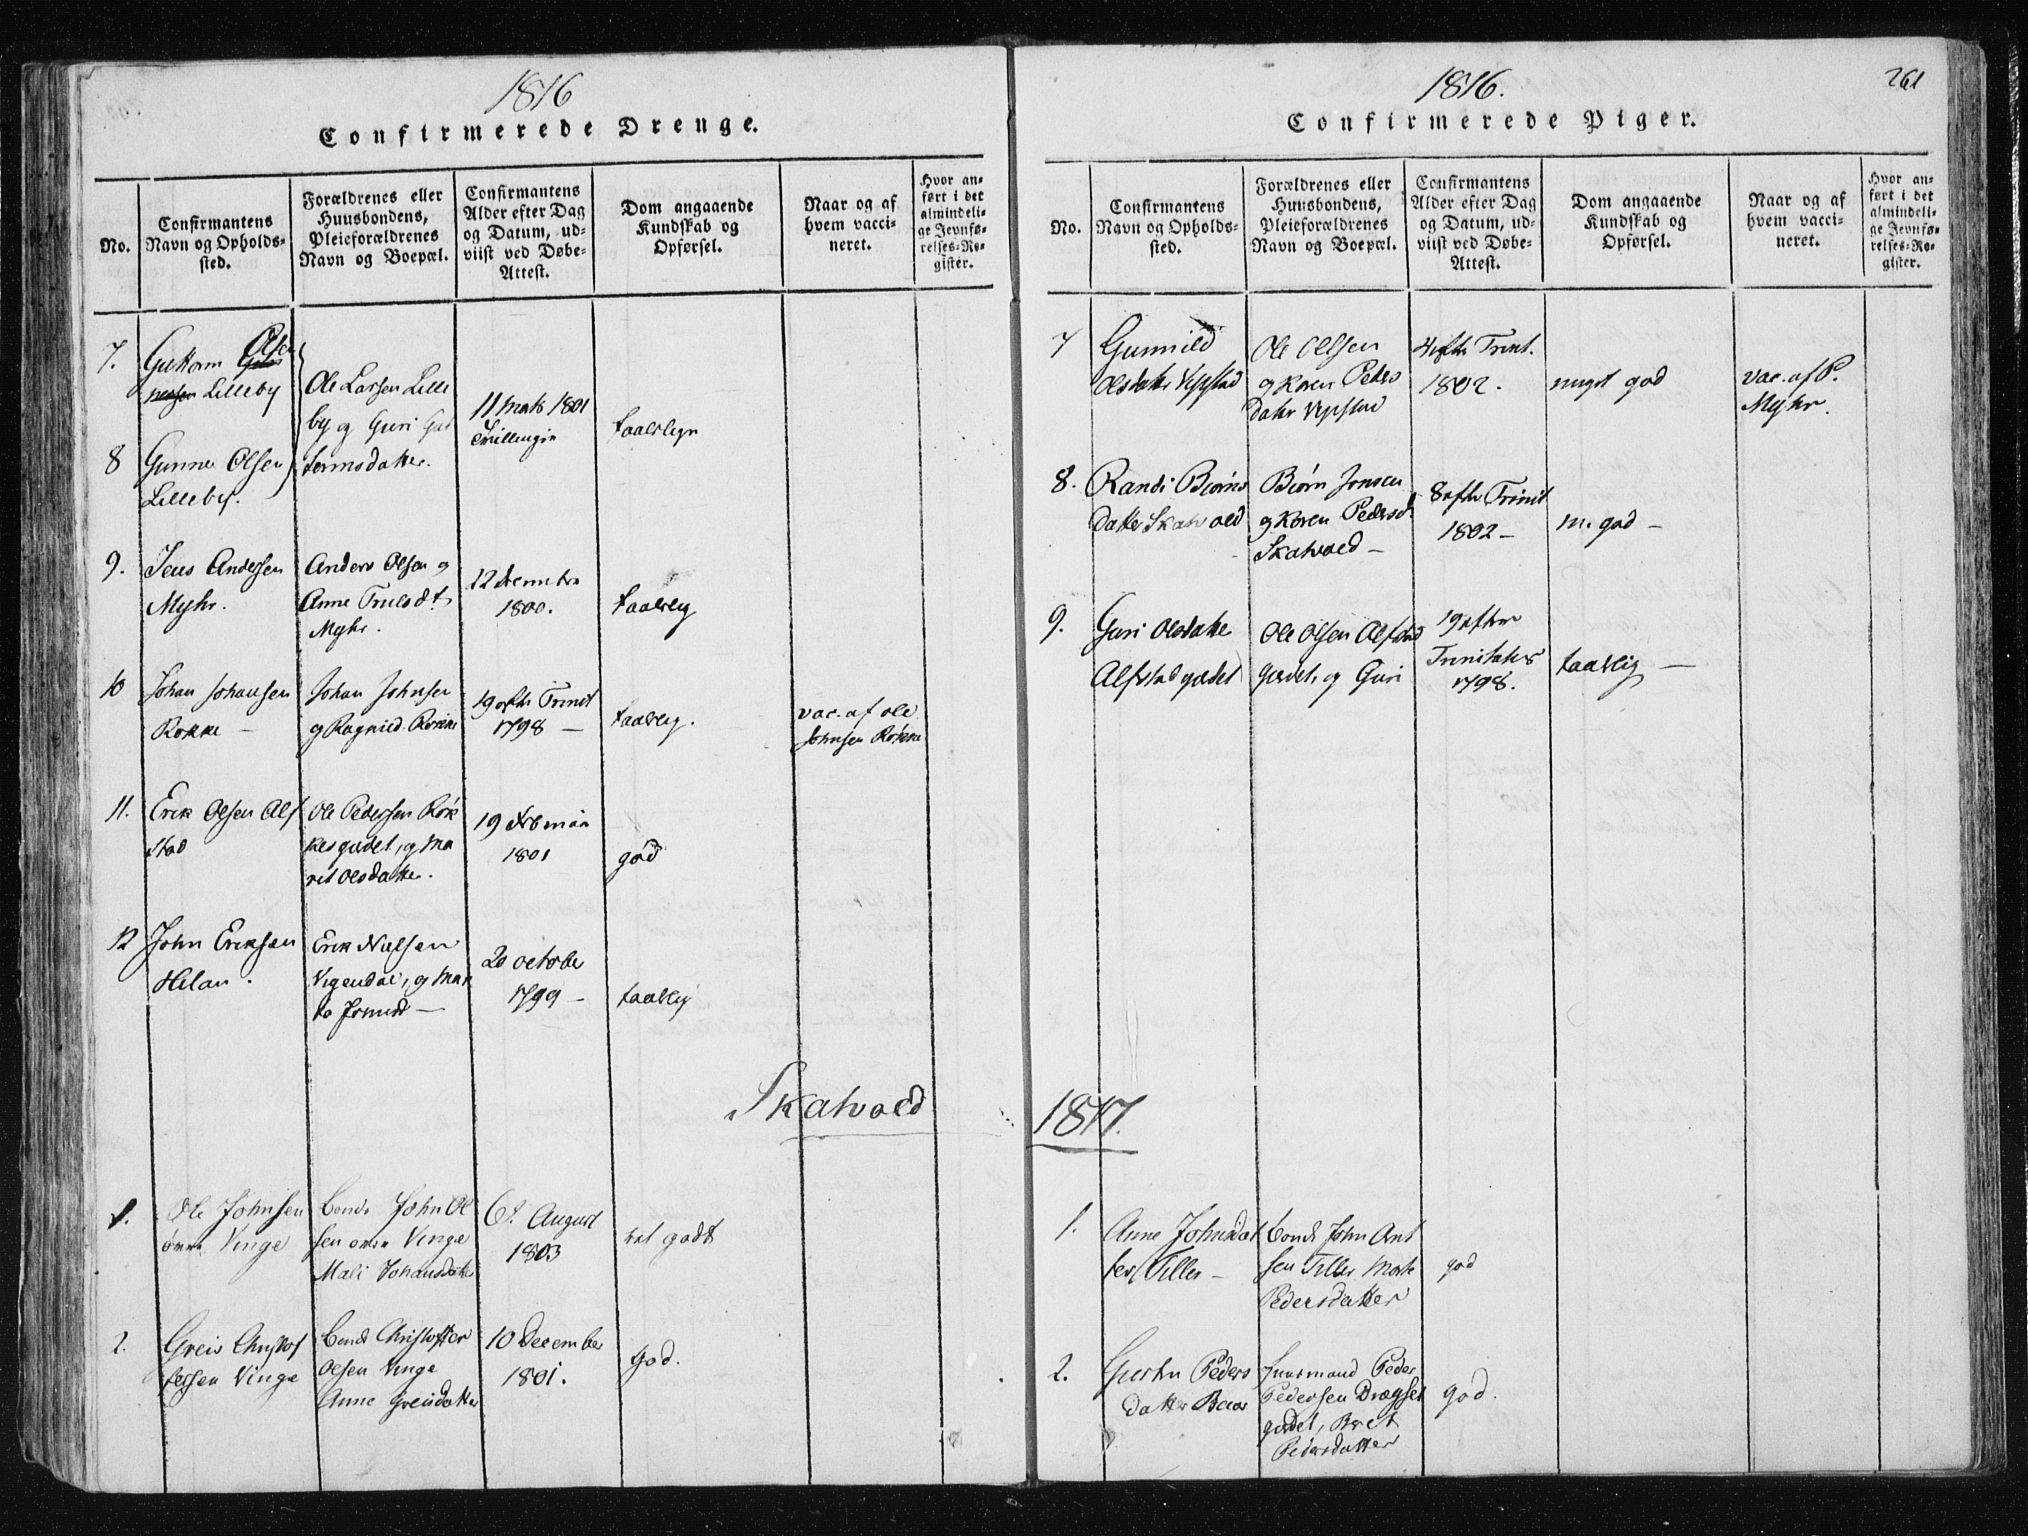 SAT, Ministerialprotokoller, klokkerbøker og fødselsregistre - Nord-Trøndelag, 709/L0061: Ministerialbok nr. 709A08 /2, 1815-1819, s. 261